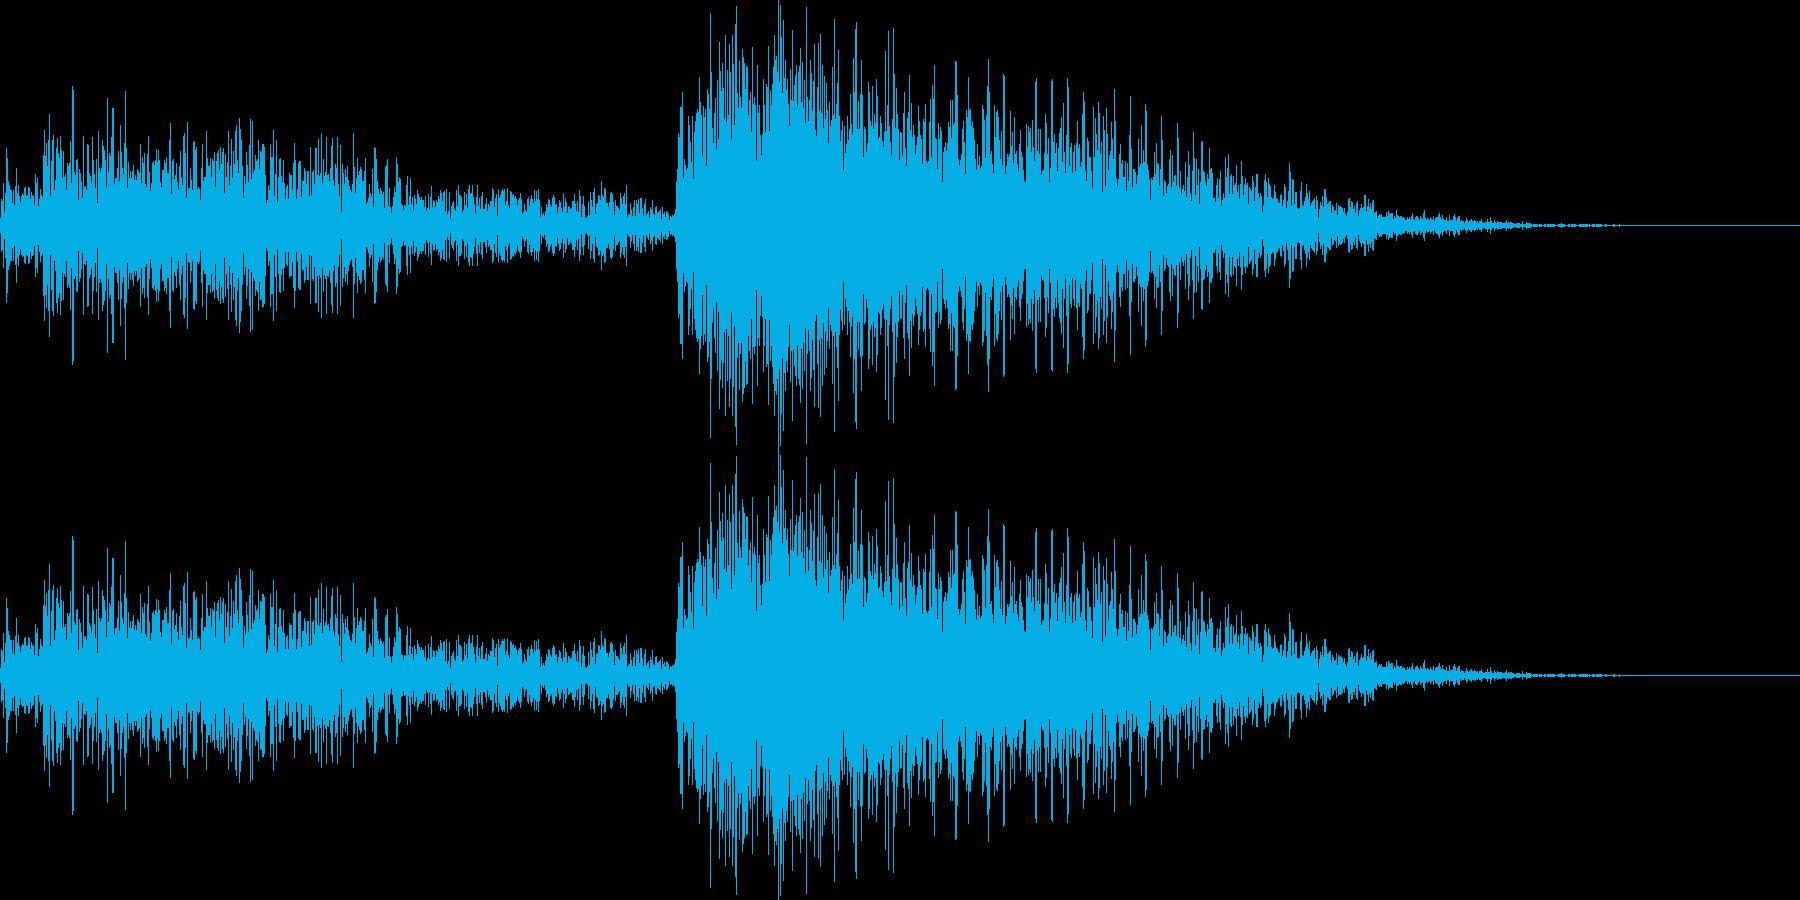 シーン転換 結果発表 音の再生済みの波形